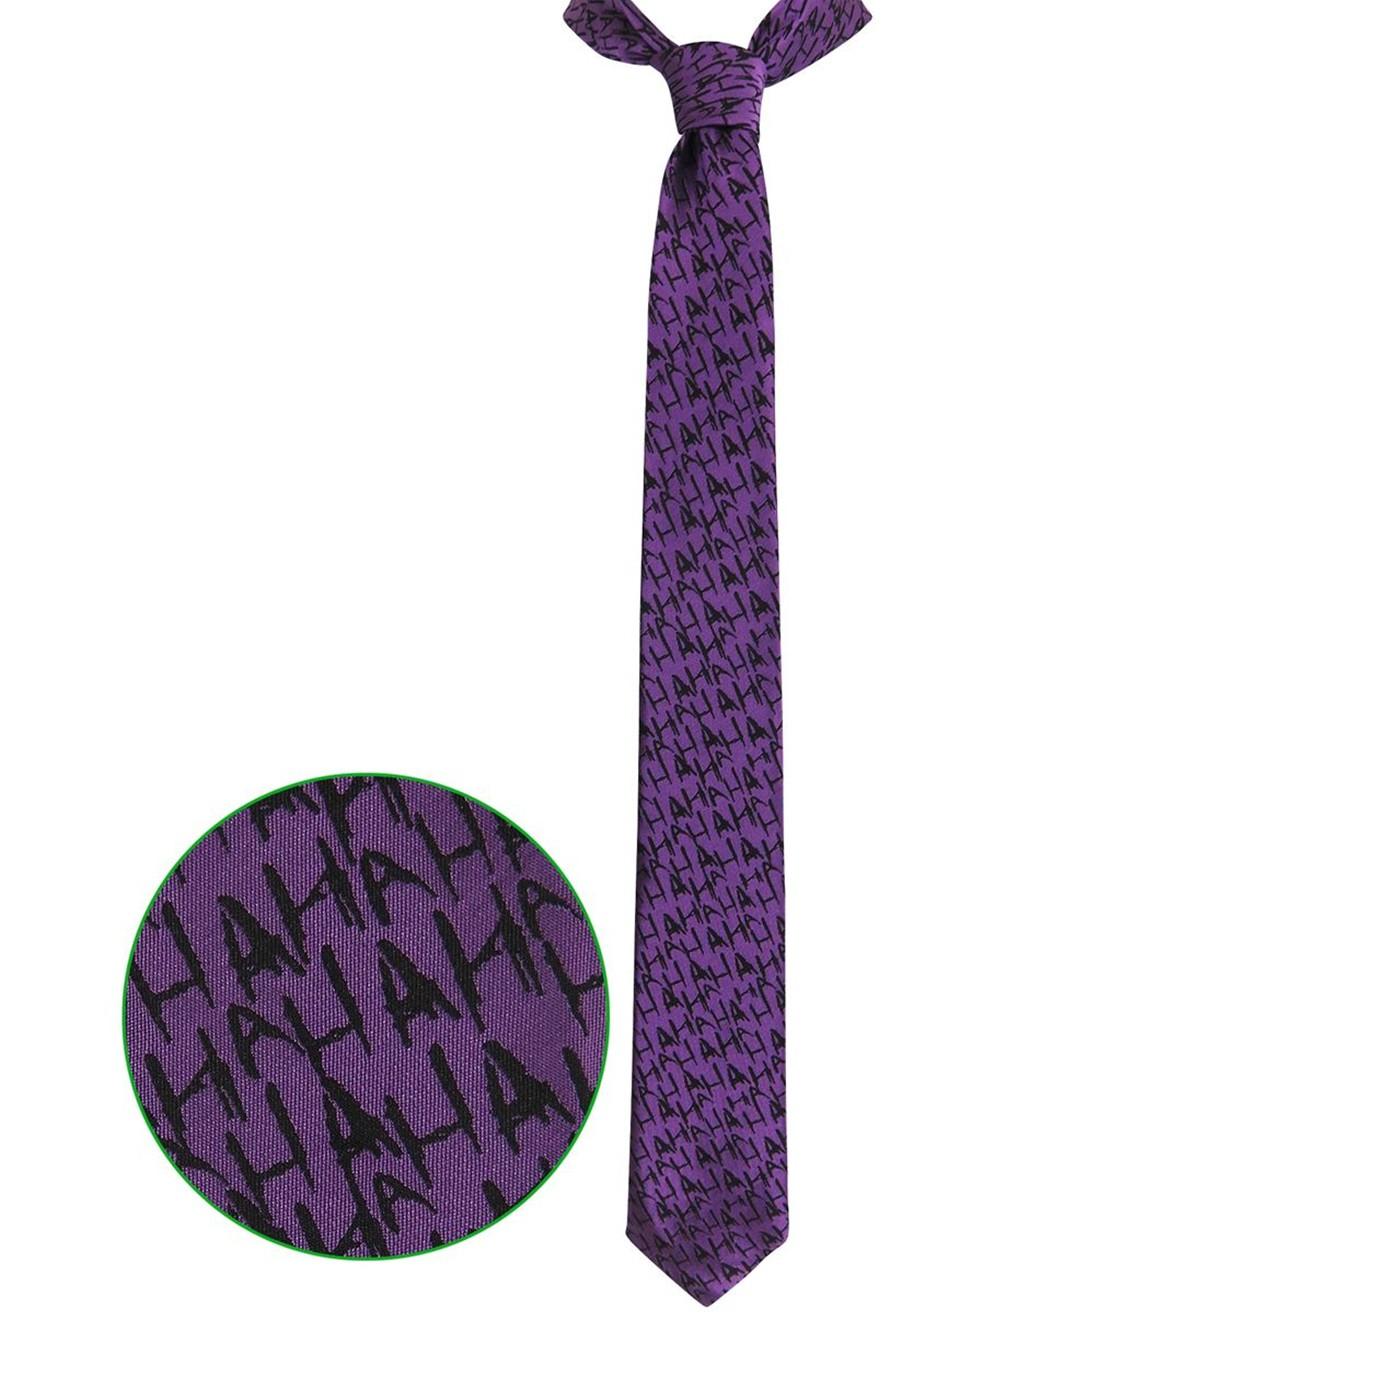 The Joker Micro Print Men's Neck Tie